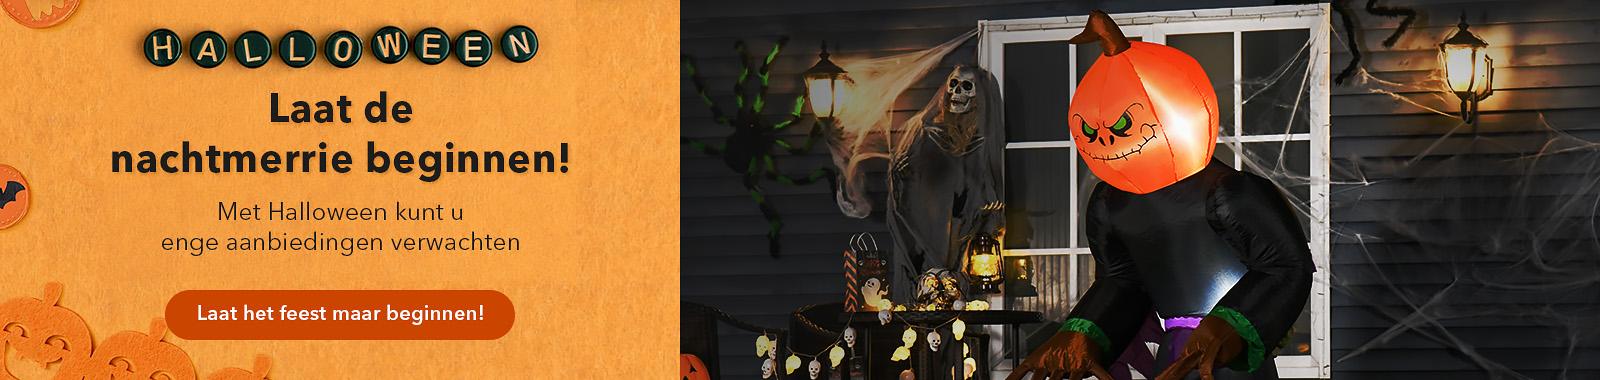 Laat de nachtmerrie beginnen! Met Halloween kunt u enge aanbiedingen verwachten.